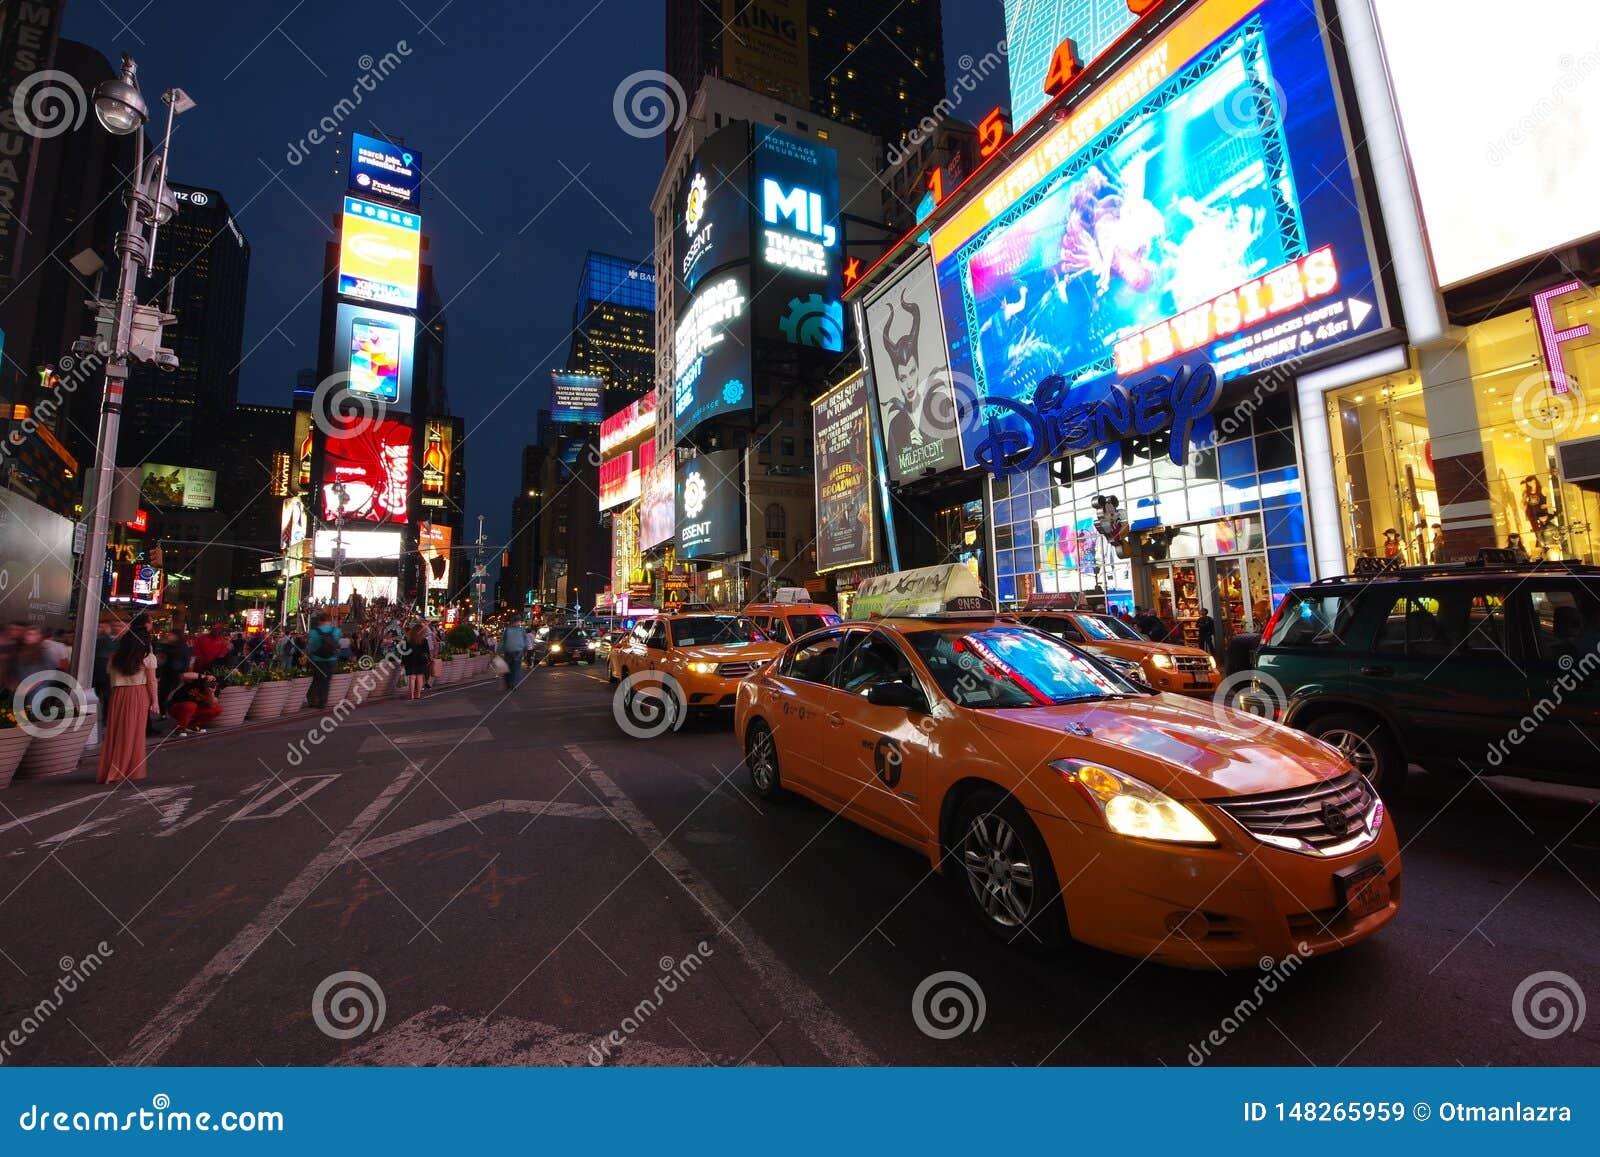 Таймс-сквер в Нью-Йорке вечером